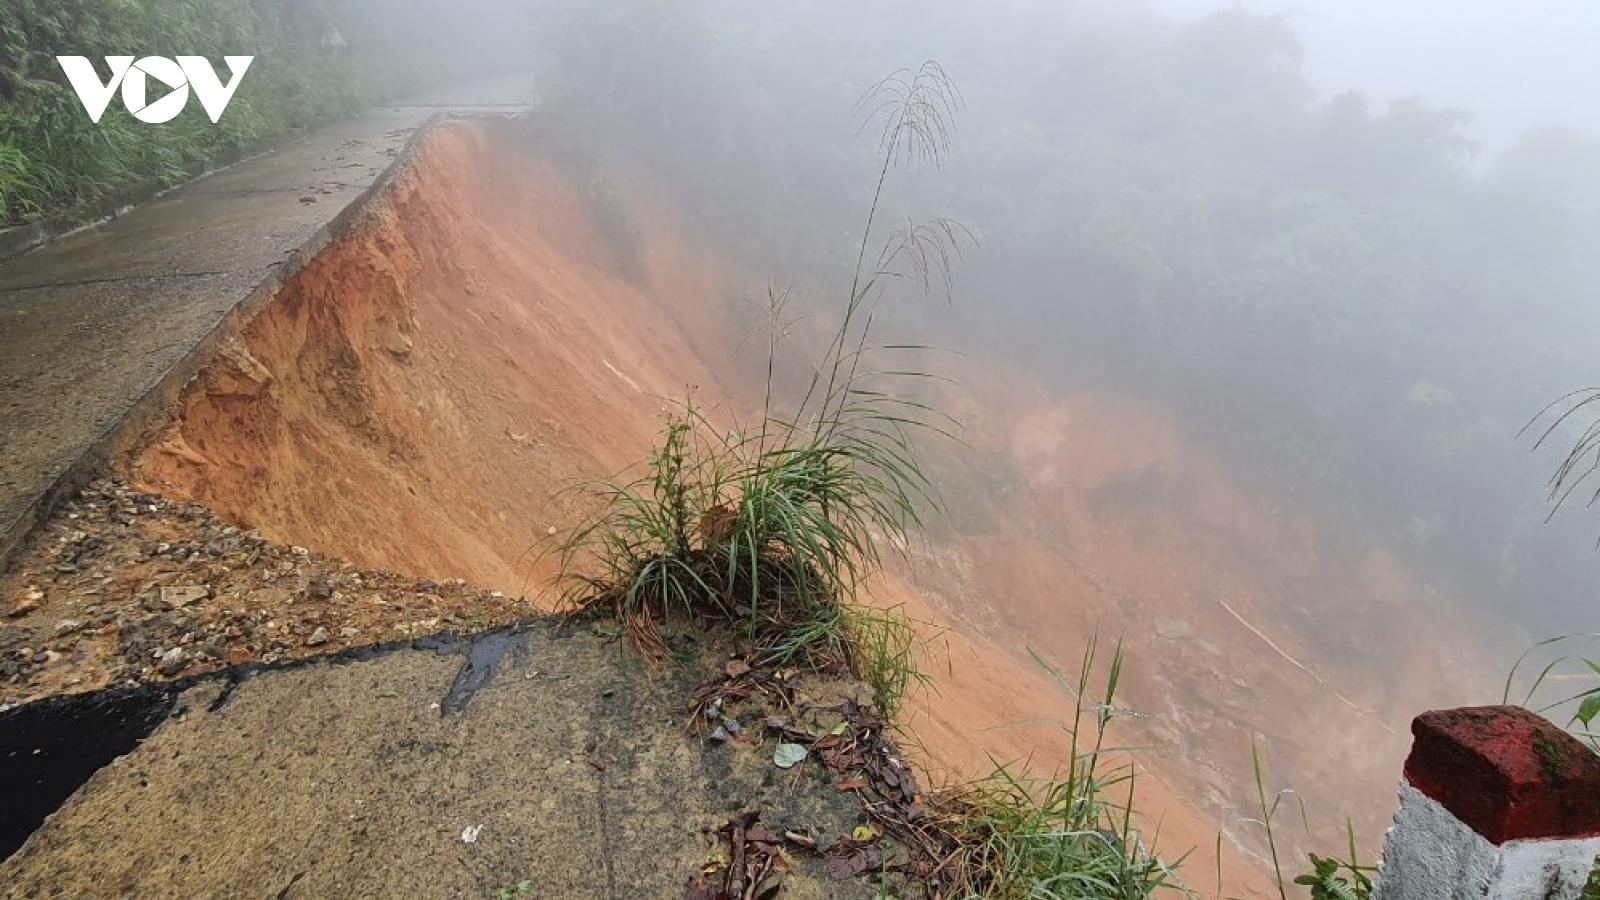 Thừa Thiên Huế: Đường lên đỉnh Bạch Mã bị sạt lở nghiêm trọng